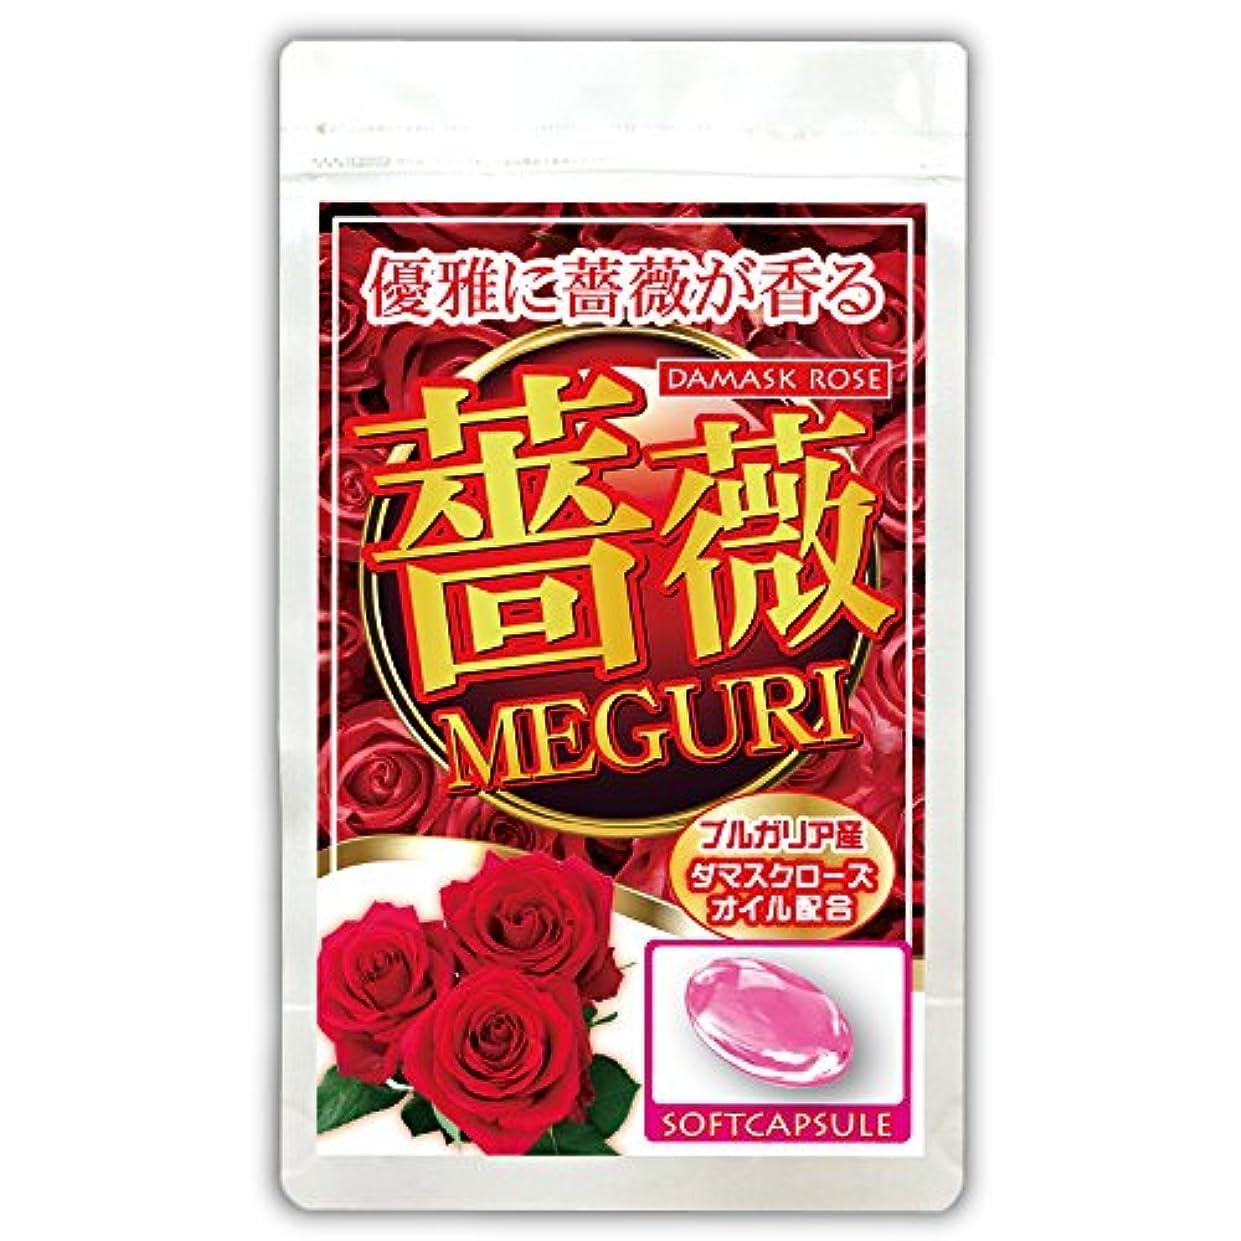 懺悔提案するラケット薔薇MEGURI(約1~2ヵ月分/62粒)